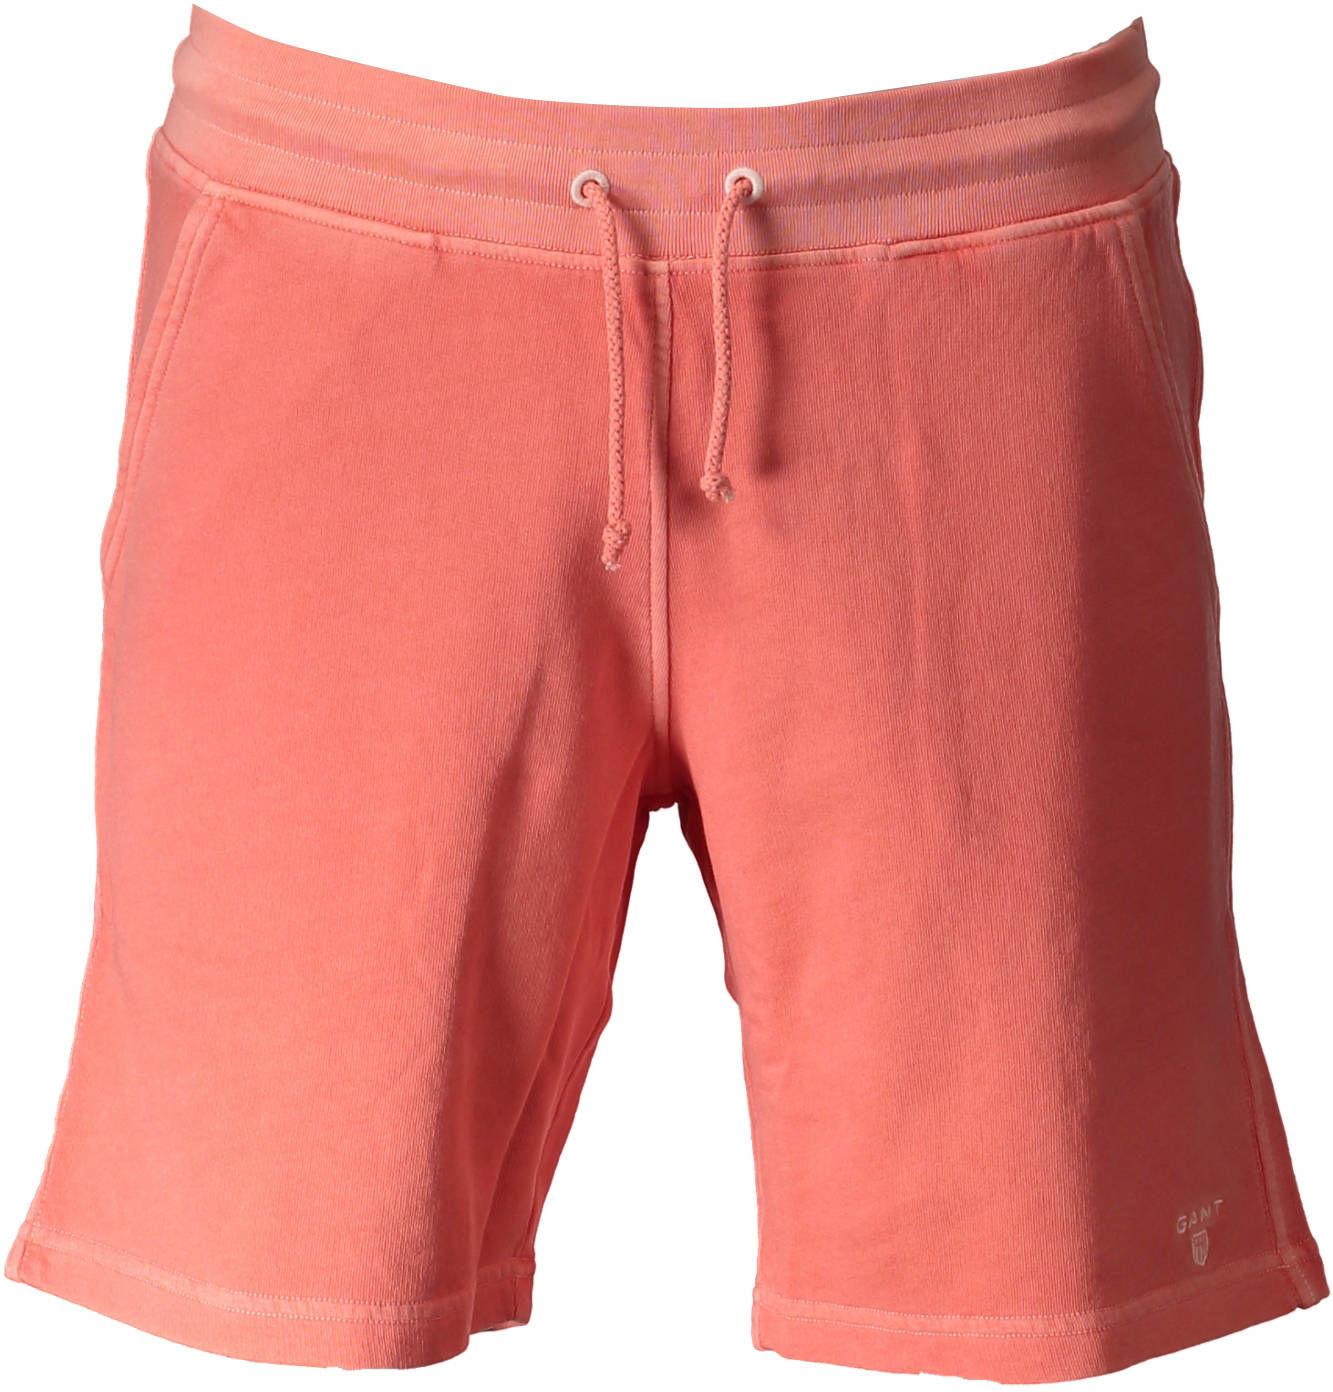 GANT Short trousers Men